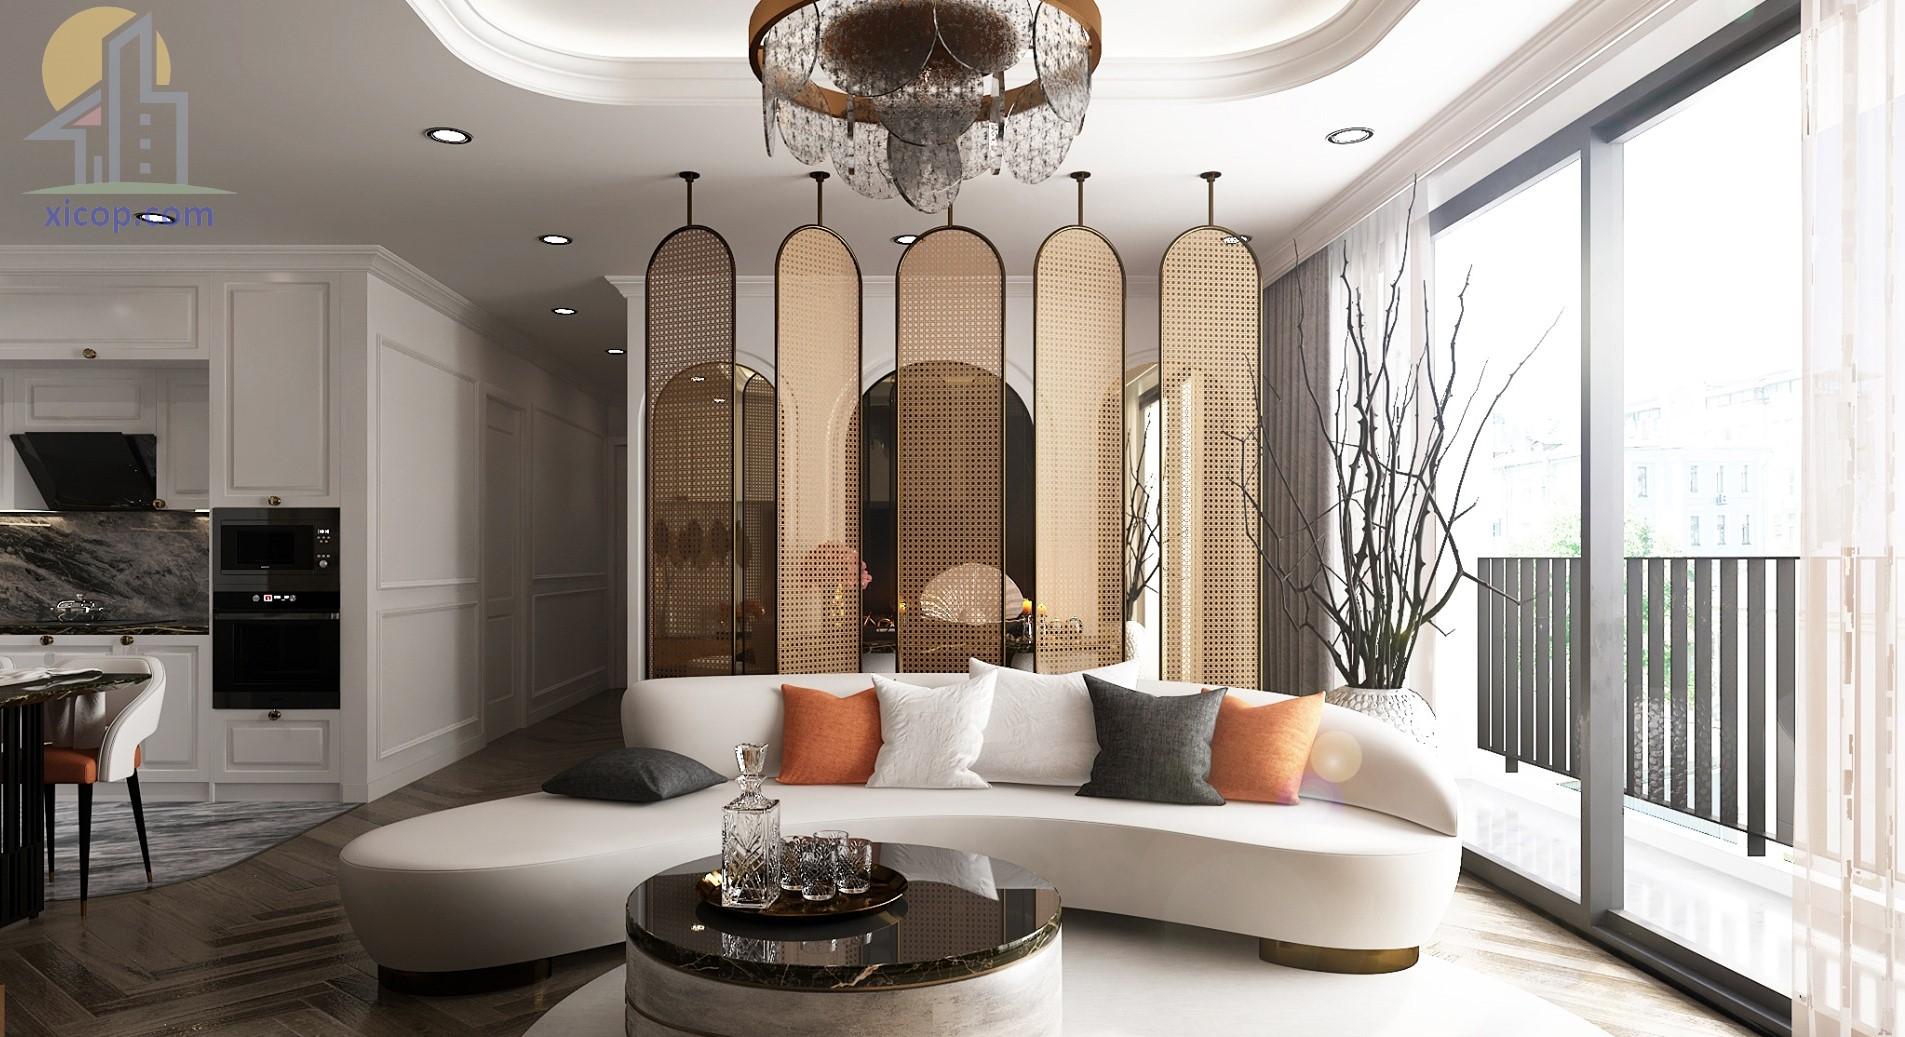 Thiết kế nội thất đẹp, nhà ống, phòng khách, phòng ngủ số 1